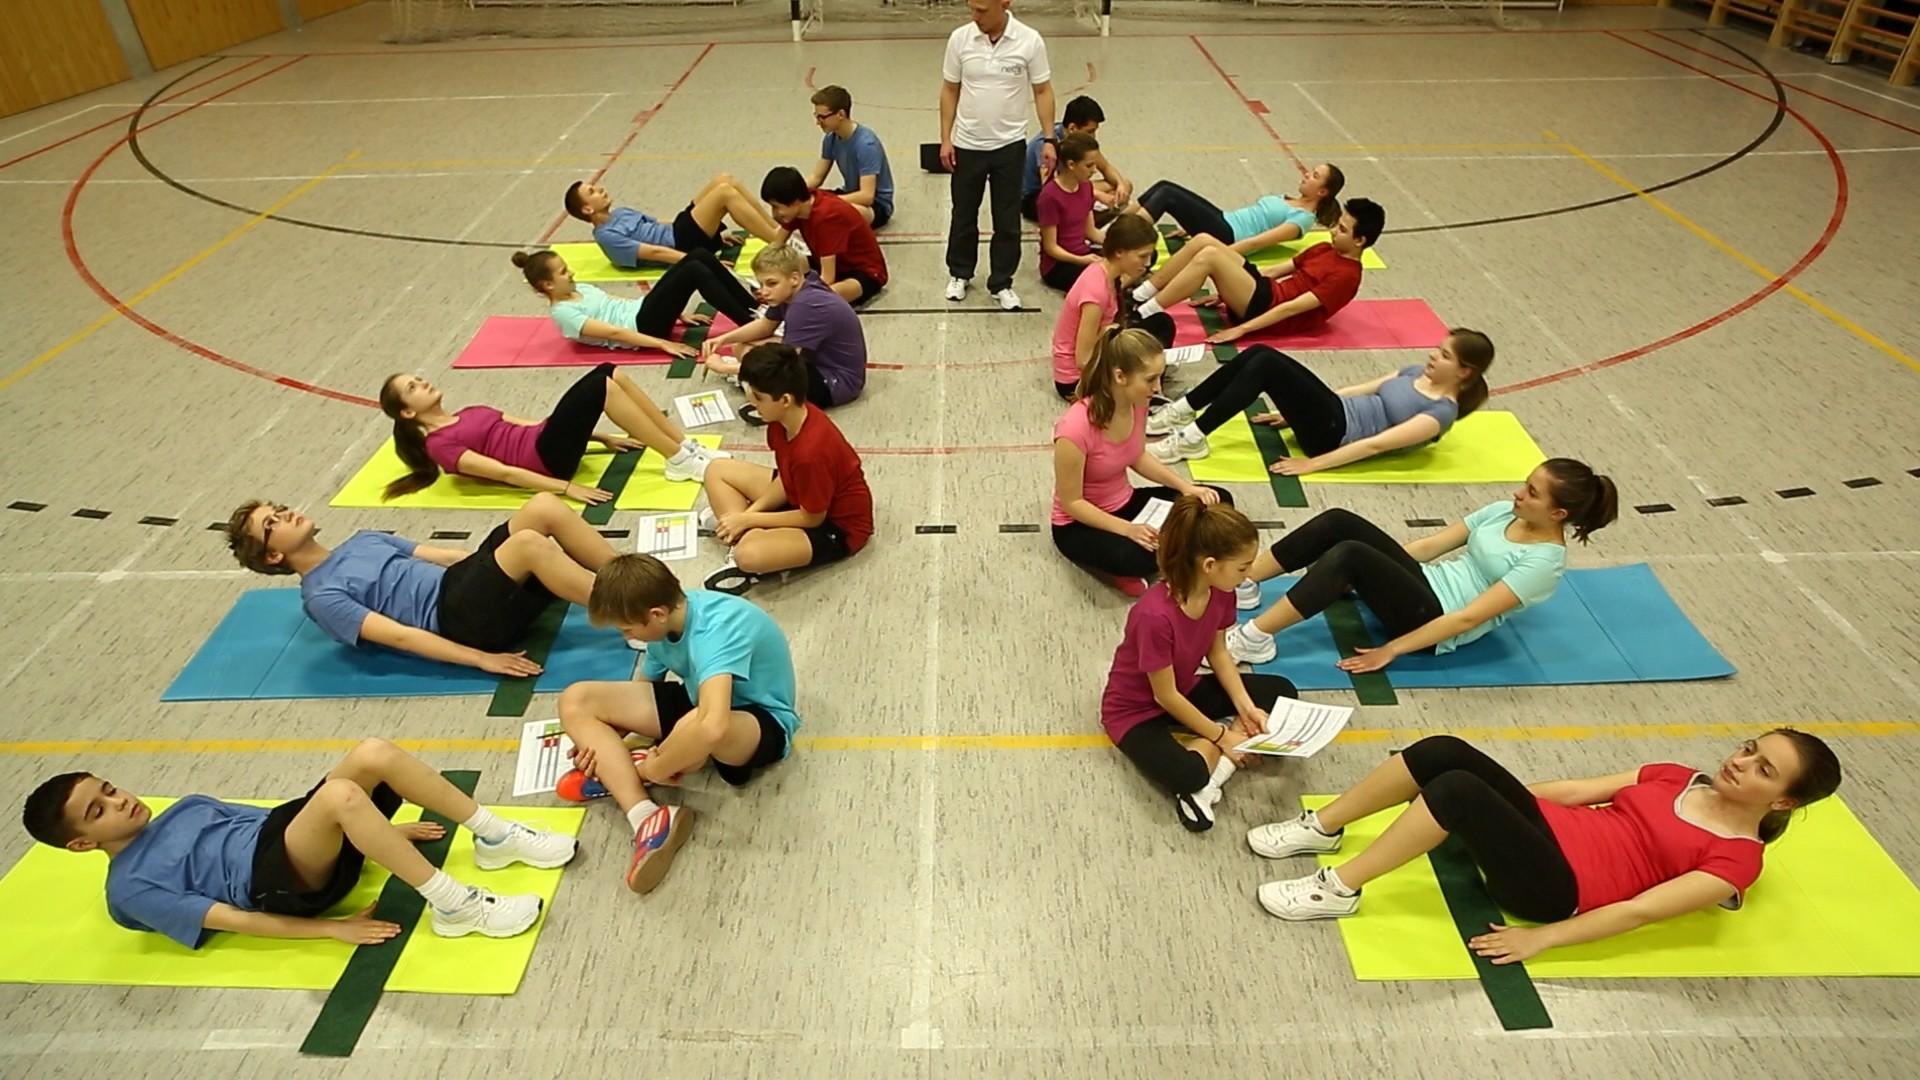 Az állóképesség javult, a túlsúly továbbra is nagy probléma a diákok körében